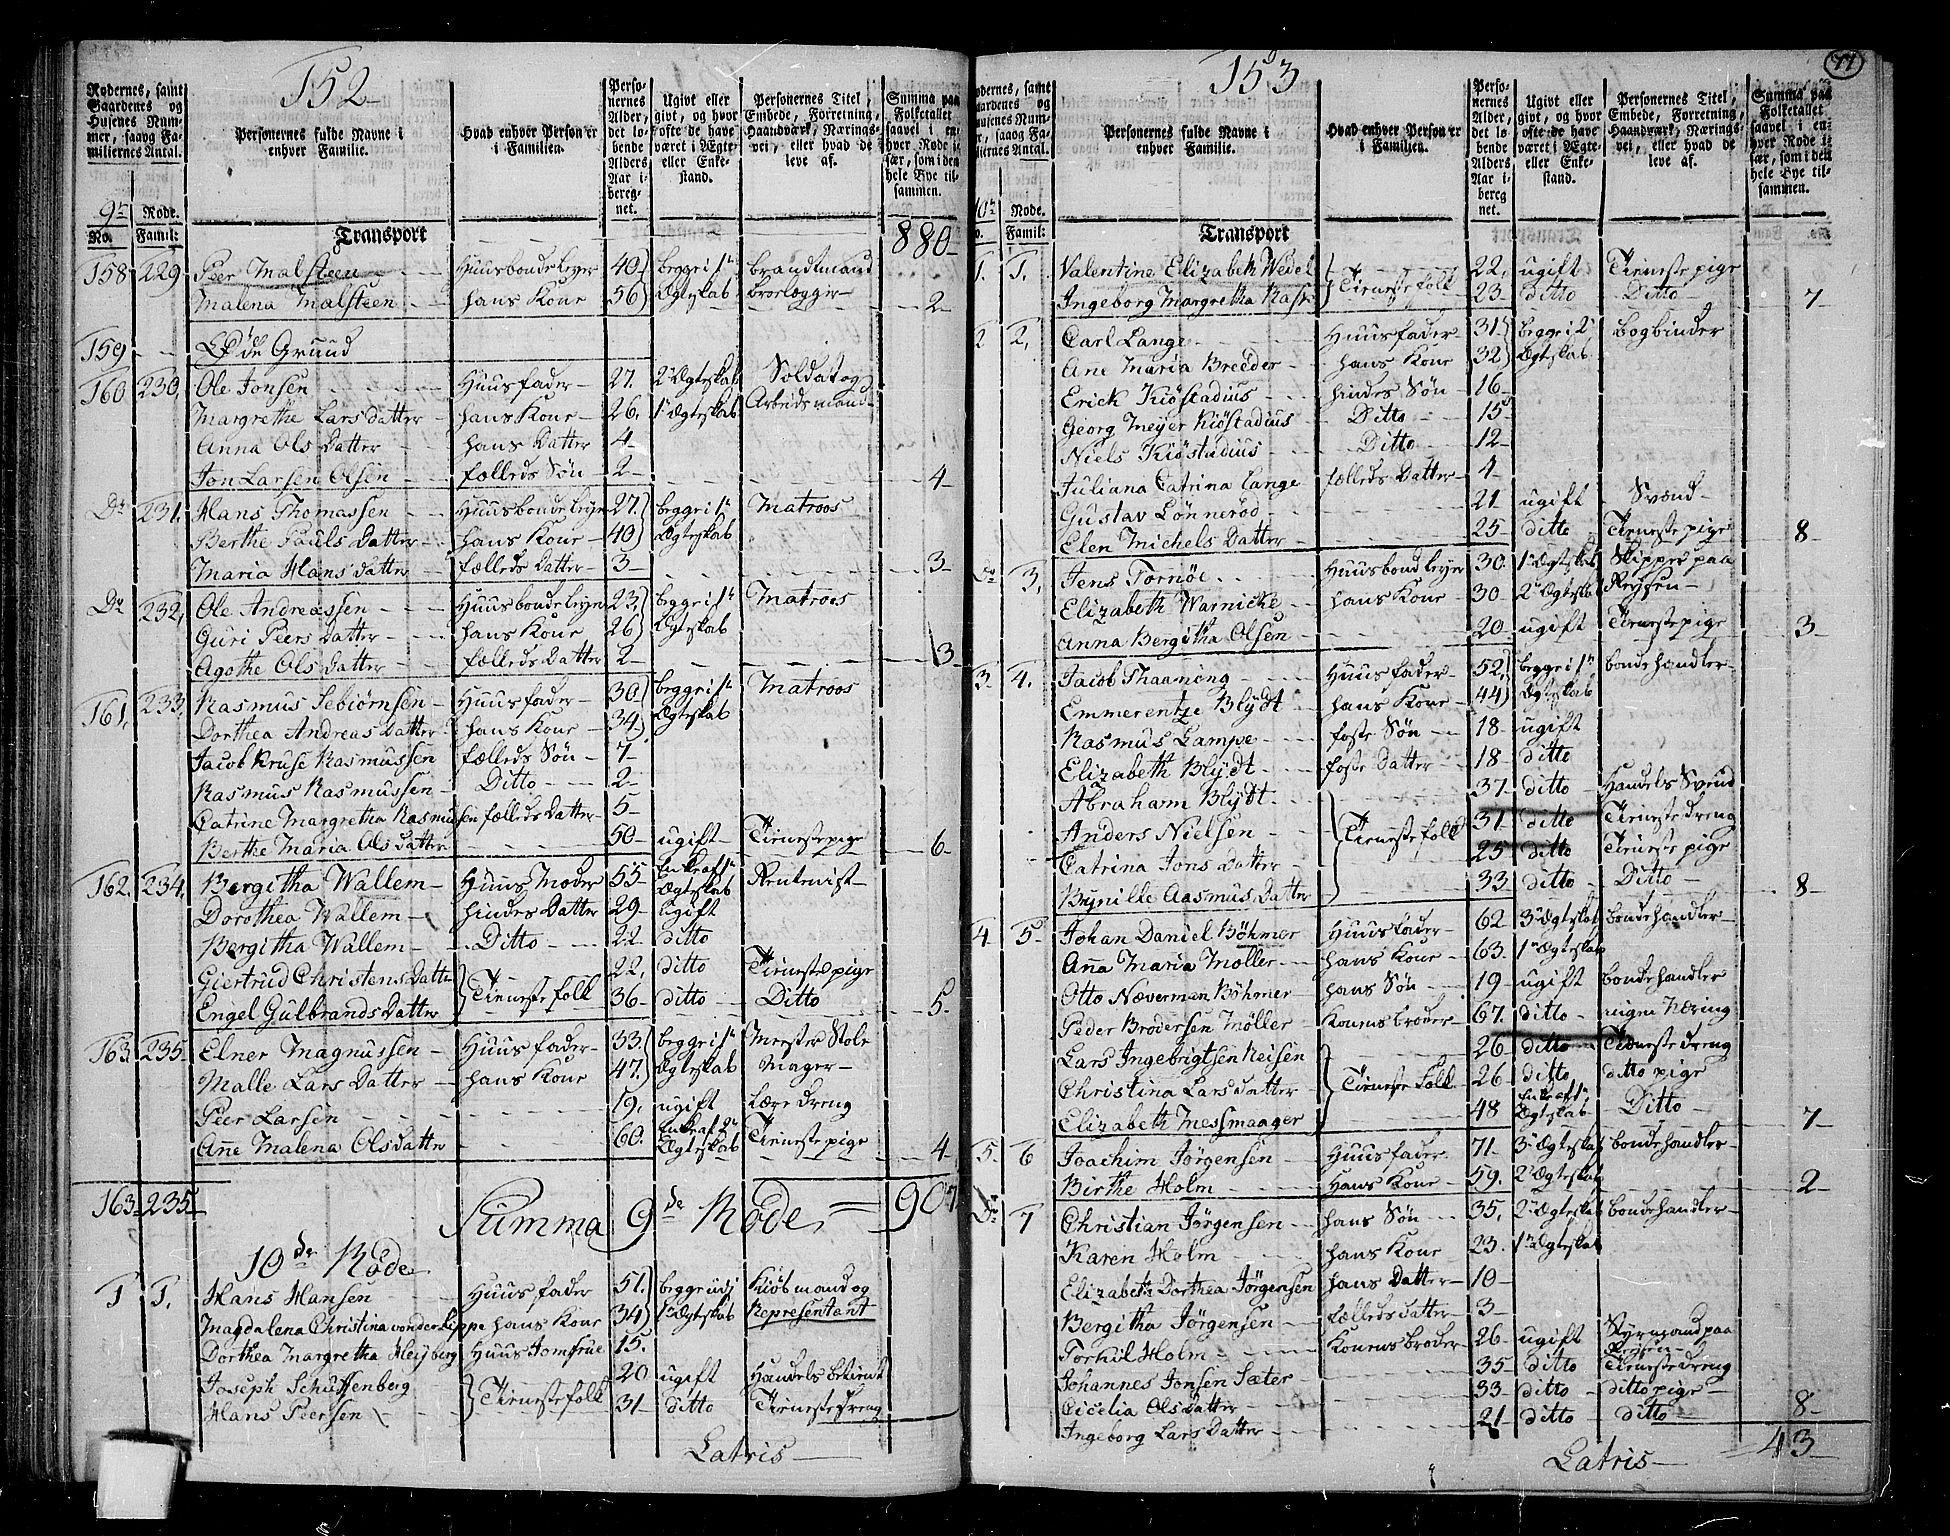 RA, Folketelling 1801 for 1301 Bergen kjøpstad, 1801, s. 76b-77a